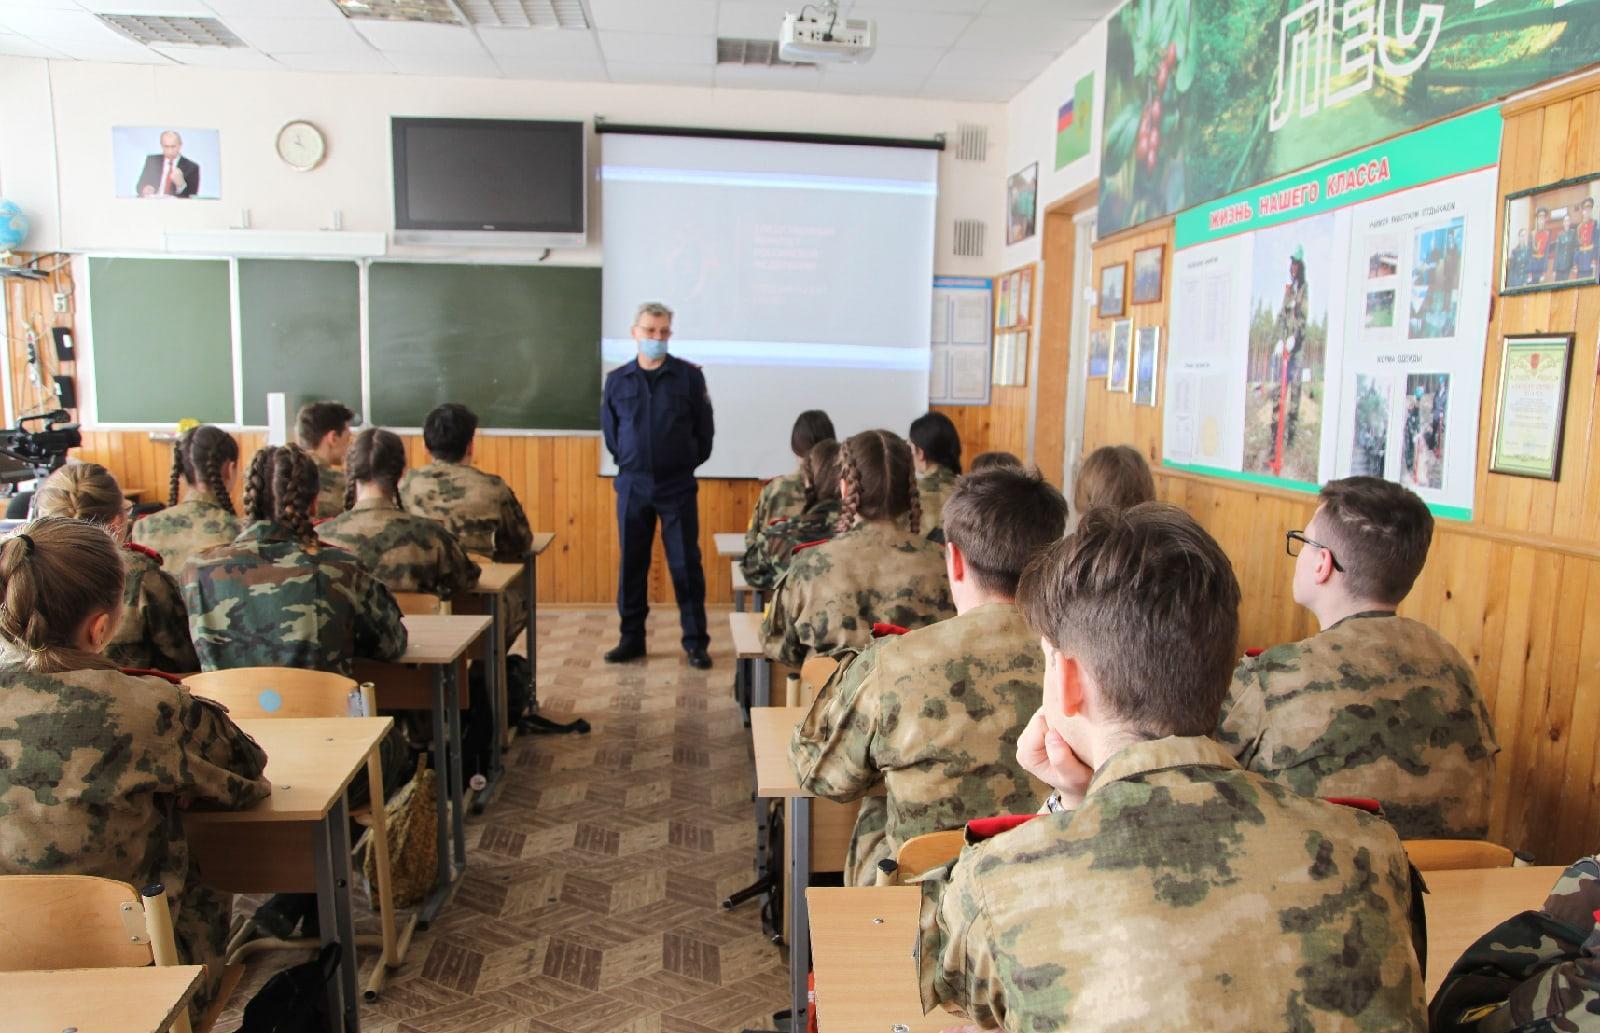 Представитель следственного управления по Тверской области провел уроки с учащимися школы № 16 в Твери - новости Афанасий